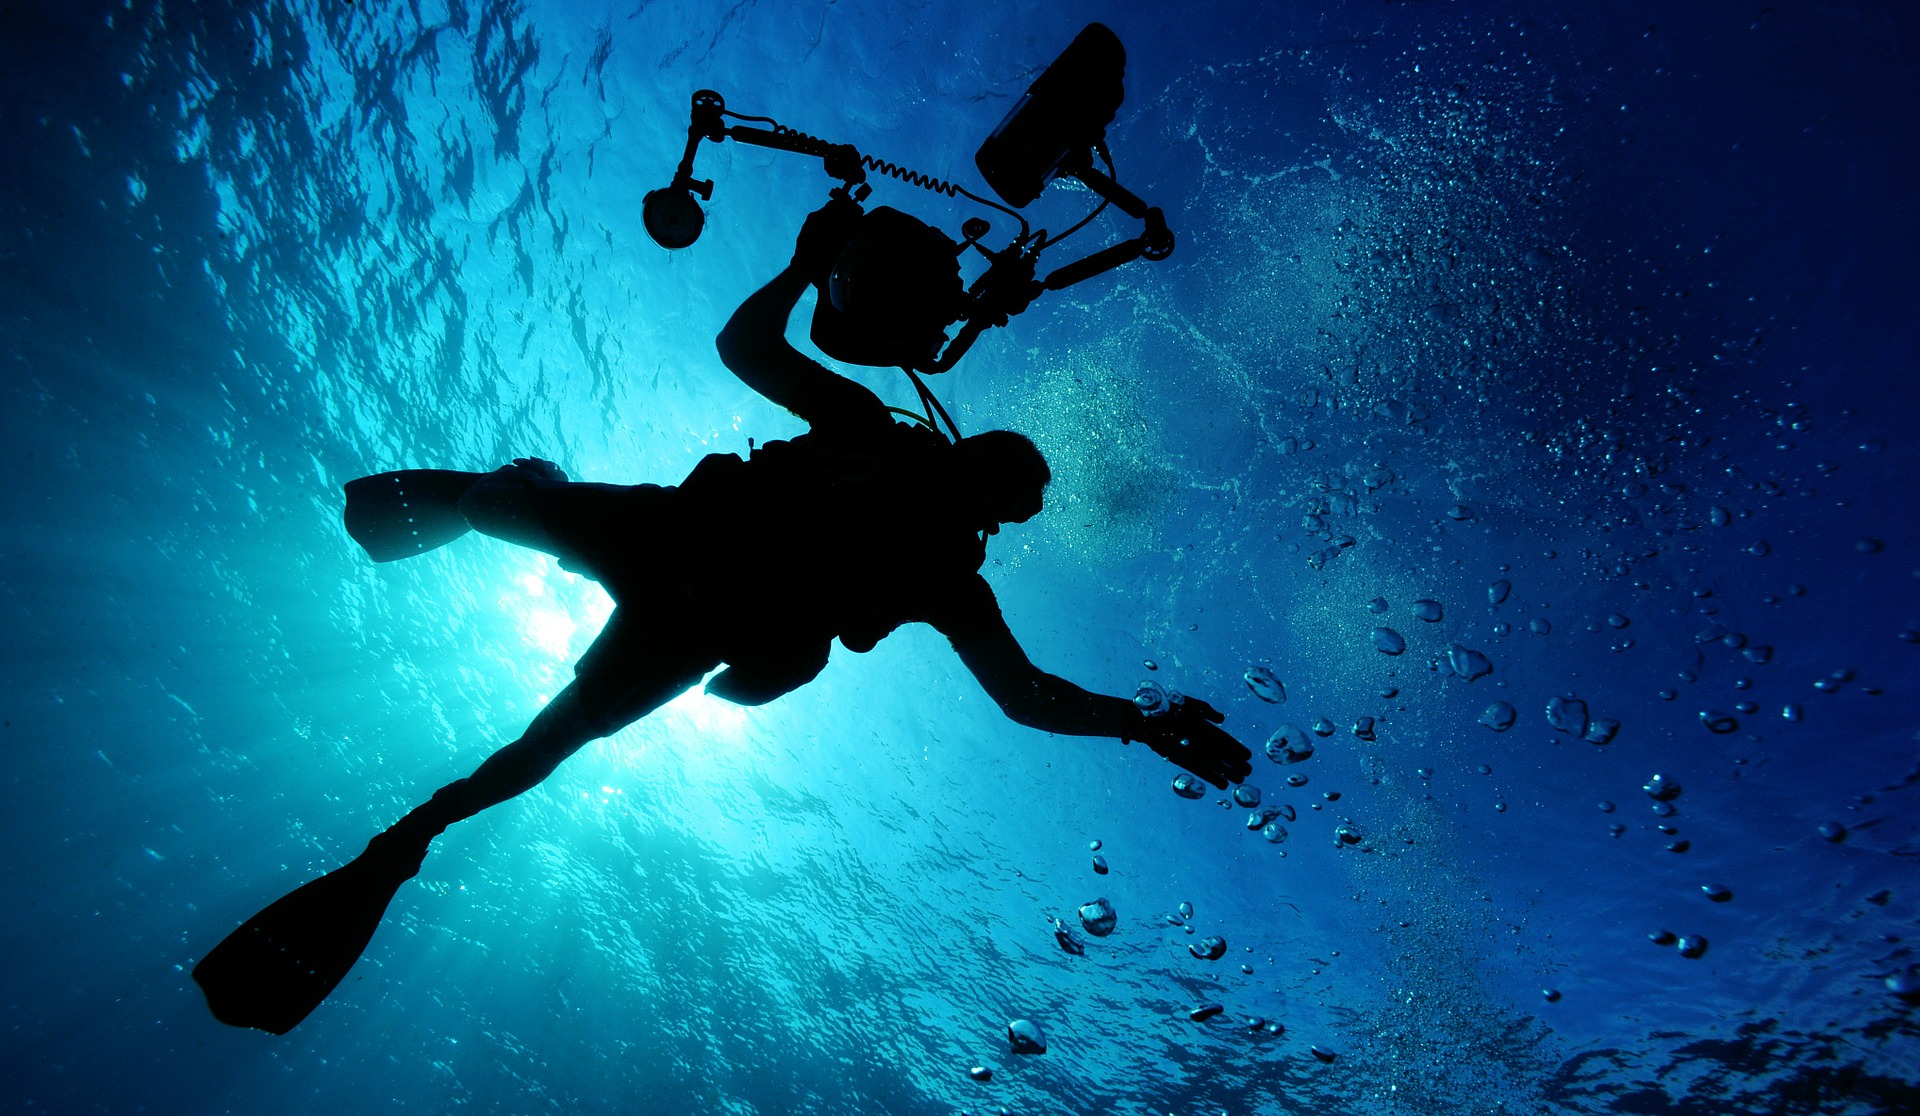 光差し込む水中でカメラマンダイバーがポーズする写真